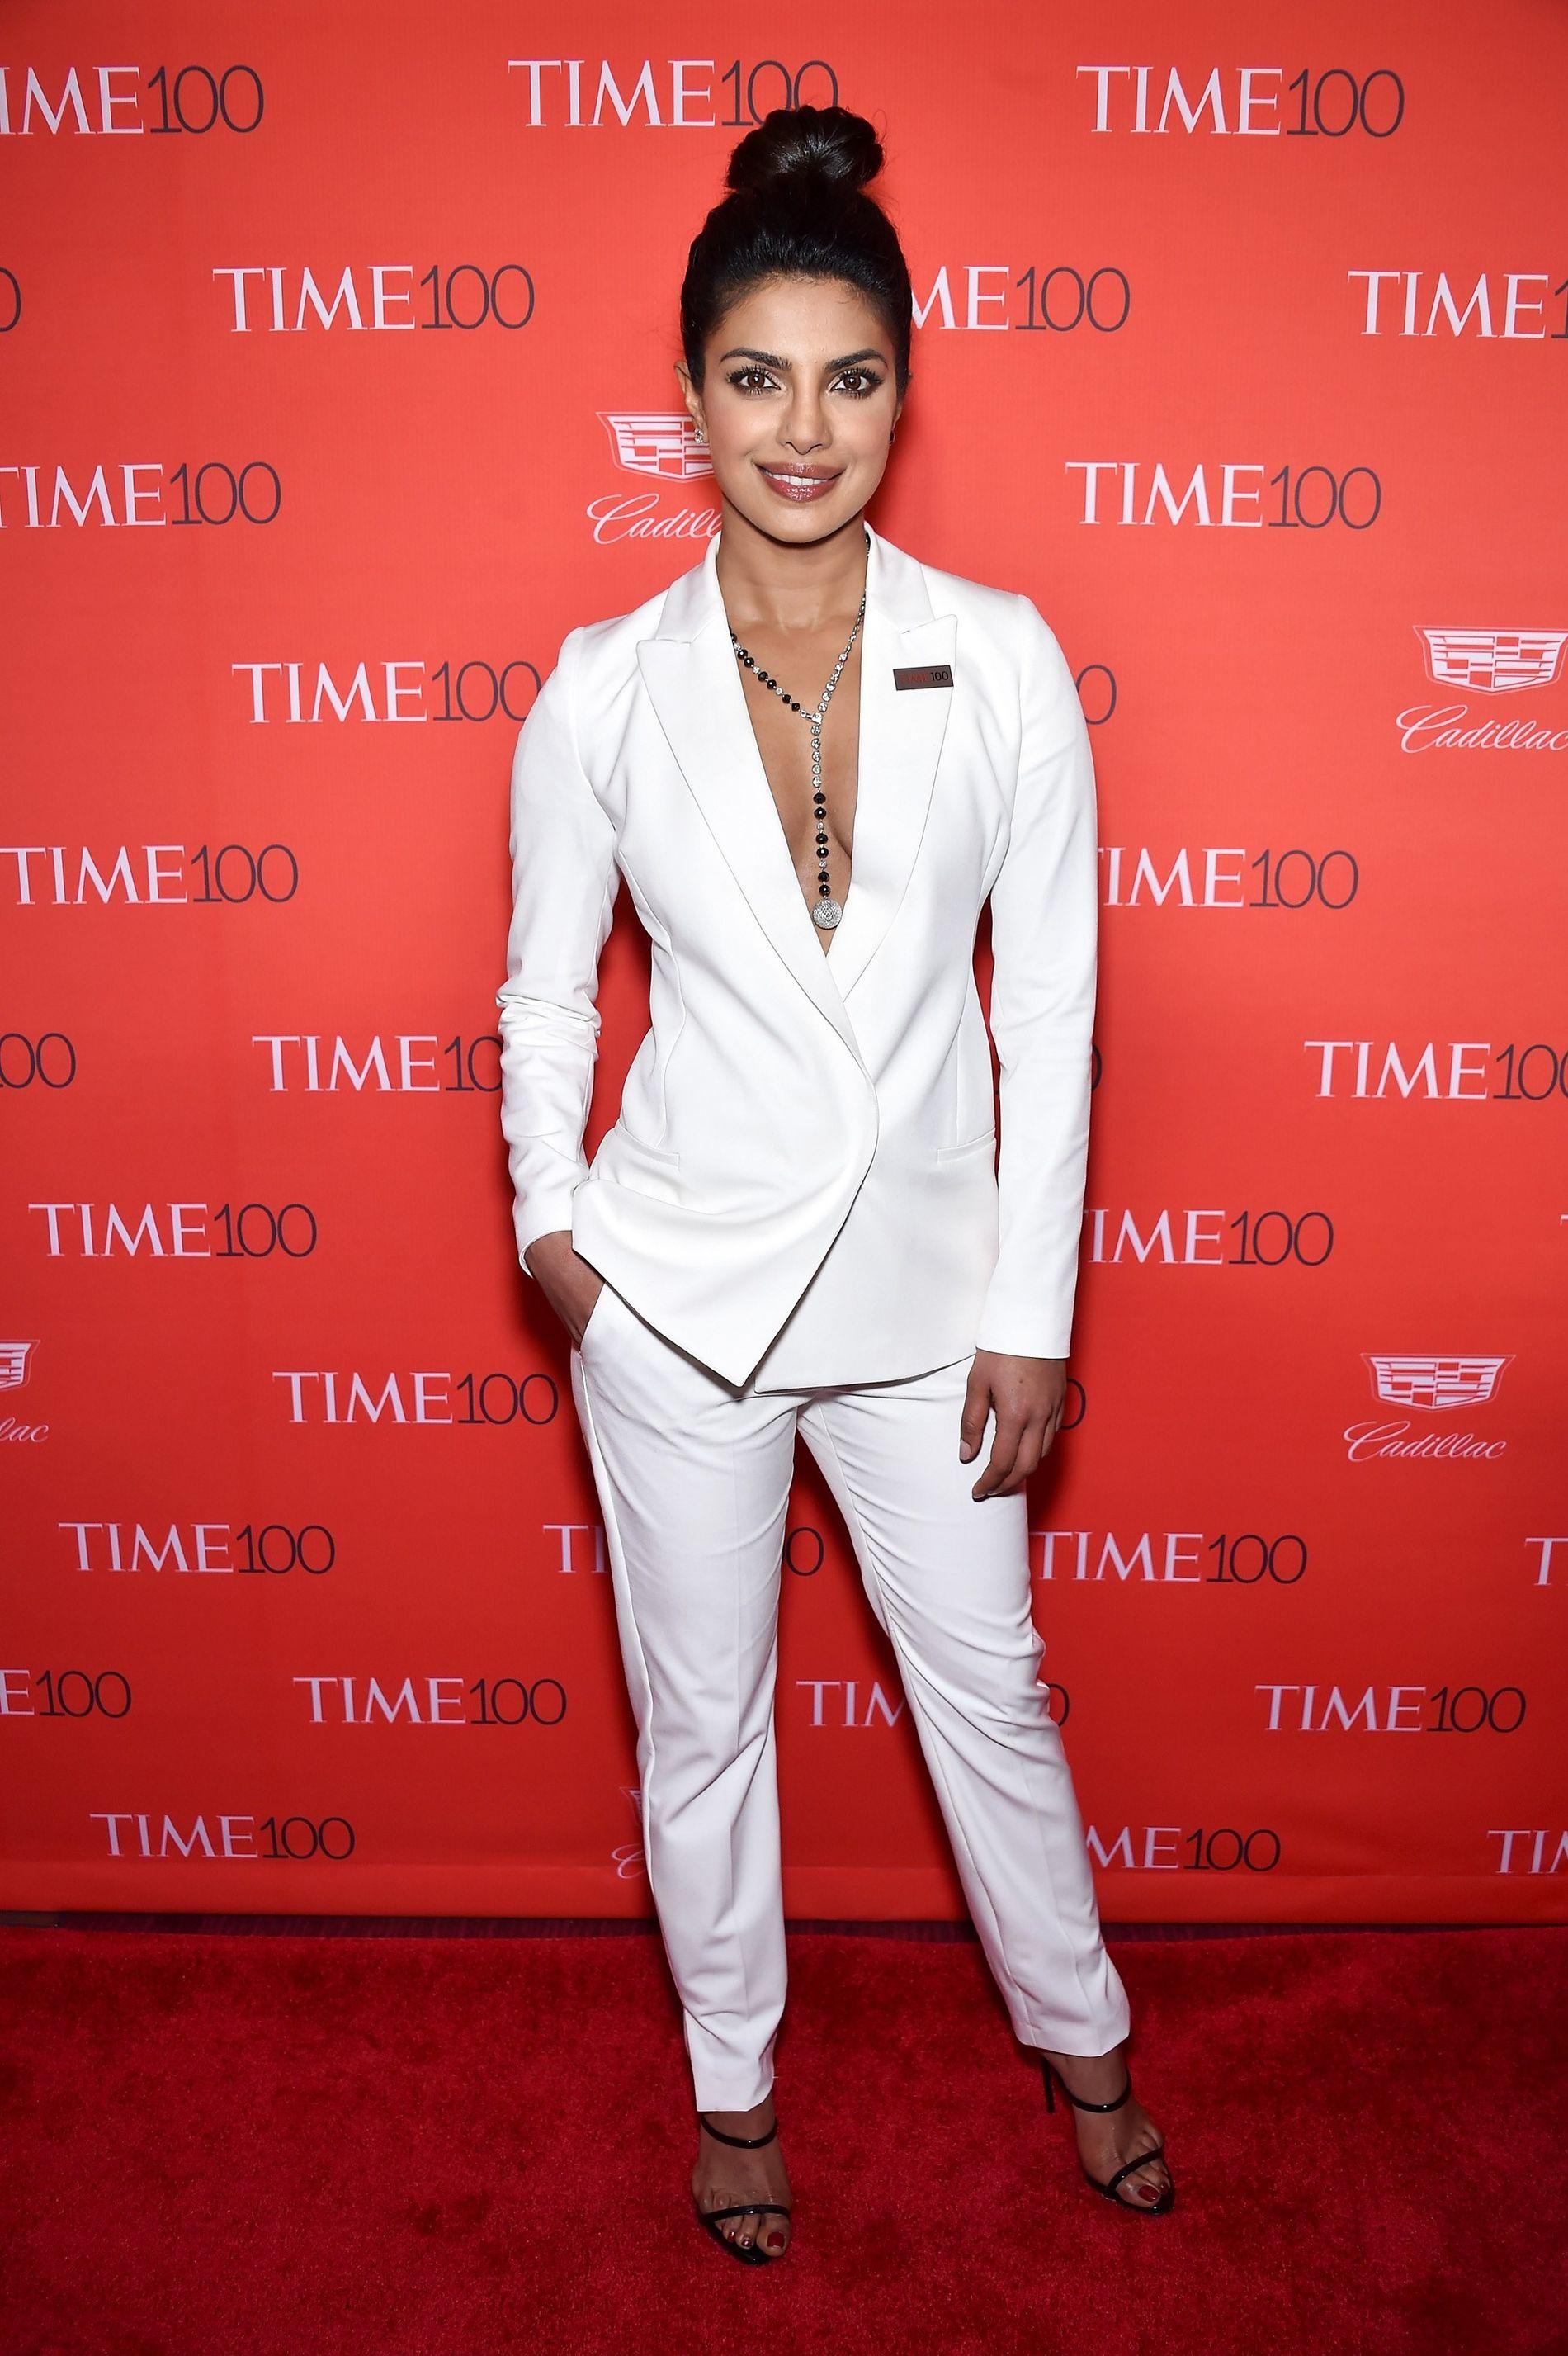 GALLAKLEDD: Chopra sier hun liker å overraske. Her er hun i dress på Time-galla i New York i april.